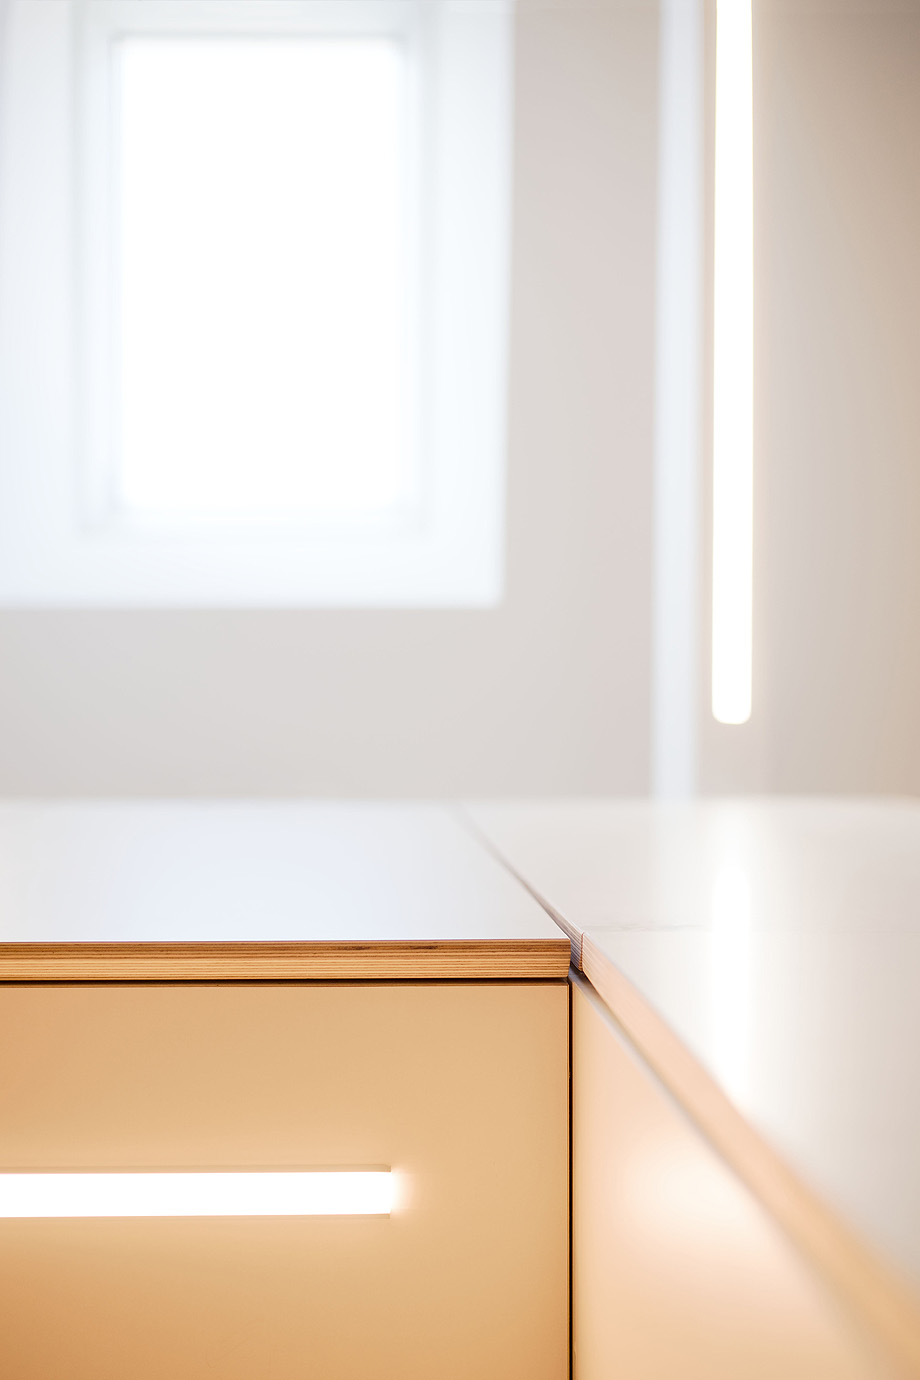 apartamento am106 de paola bagna - foto ringo paulusch (37)